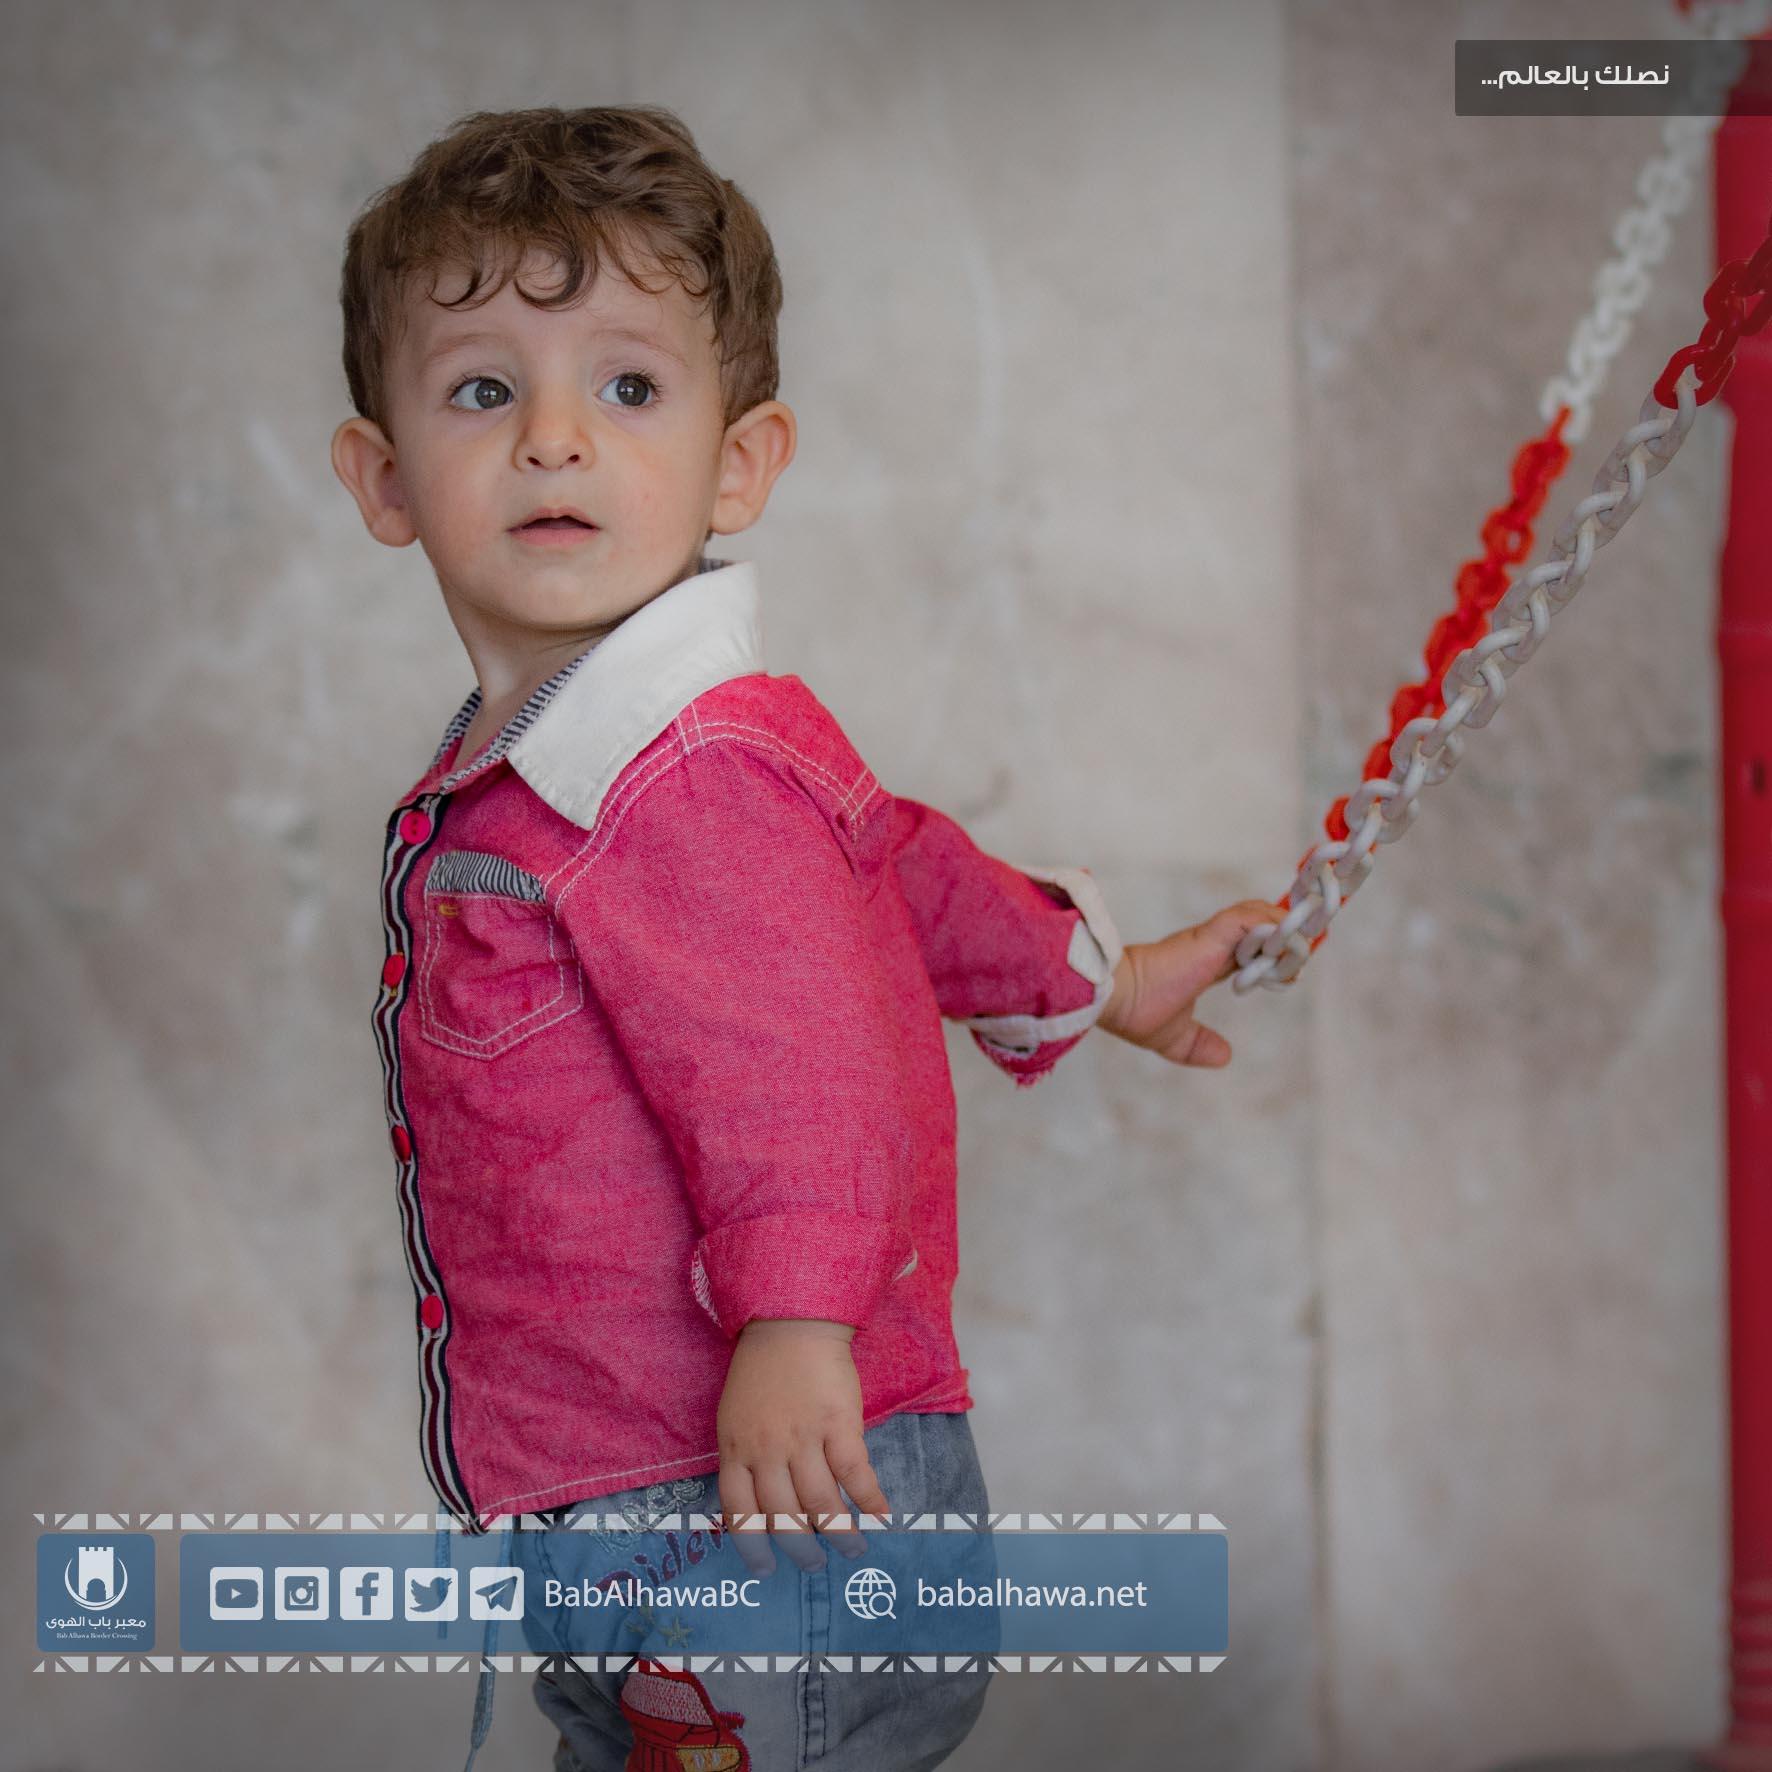 معبر باب الهوى - سوريا